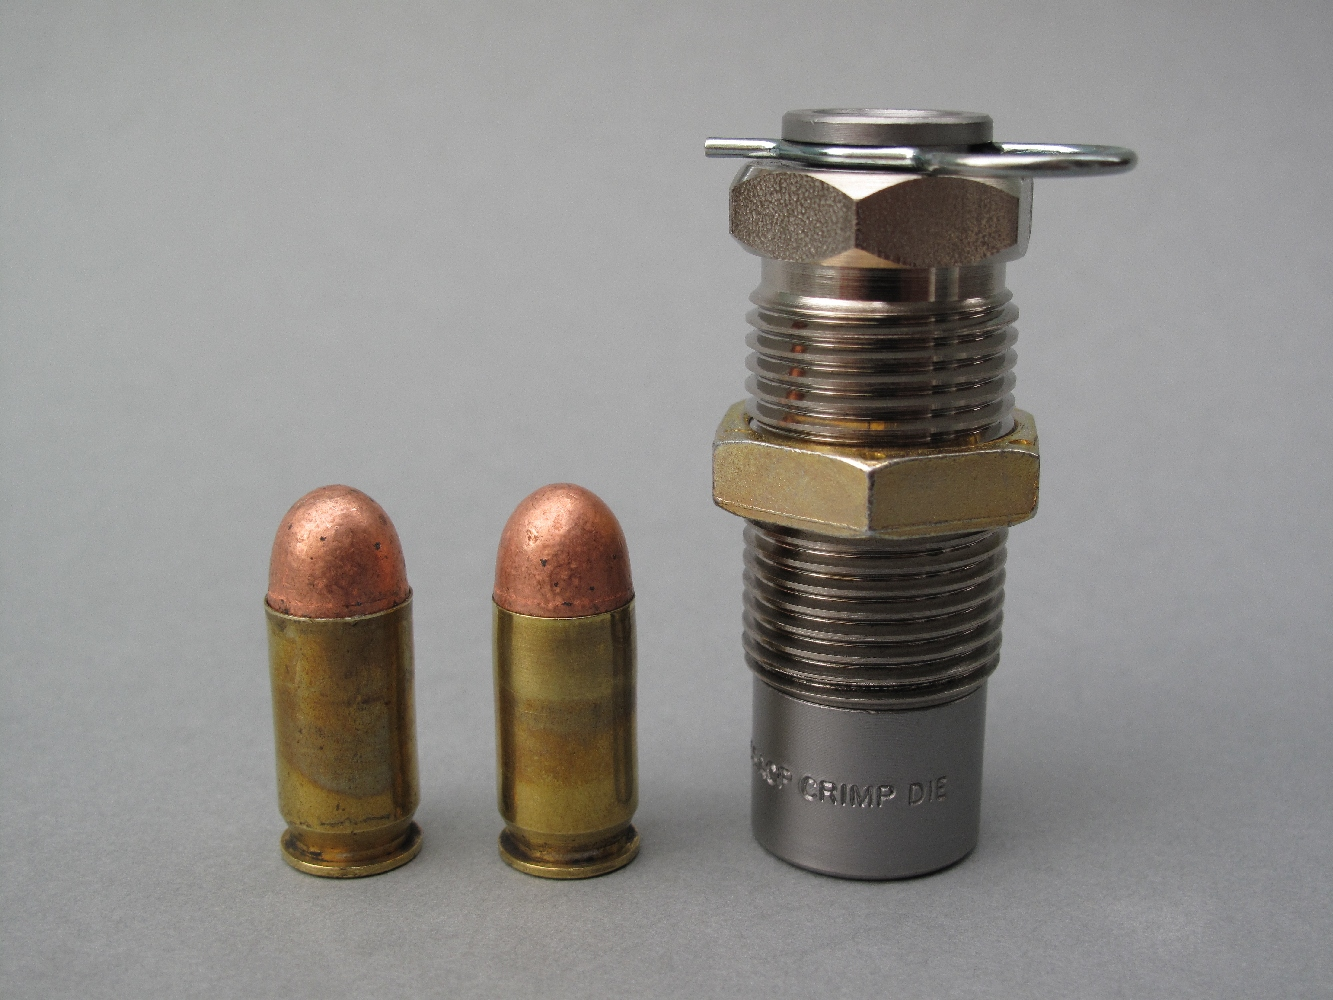 Appelée « Crimp die », « Factory crimp » ou bien encore « Carbide factory crimp die », la matrice de sertissage conique peut être utilisée comme quatrième outil pour le rechargement des cartouches à douille droite destinées aux armes de poing. Cet outil a une double fonction : il recalibre la cartouche terminée, supprimant les gonflements créés par l'introduction du projectile ; il permet, en resserrant les parois du collet, de sertir les balles démunies de gorge de sertissage. Nous avons utilisé ici un sertisseur conique de la marque américaine Dillon, qui présente la particularité de pouvoir aisément être démonté et nettoyé sans en modifier le réglage.